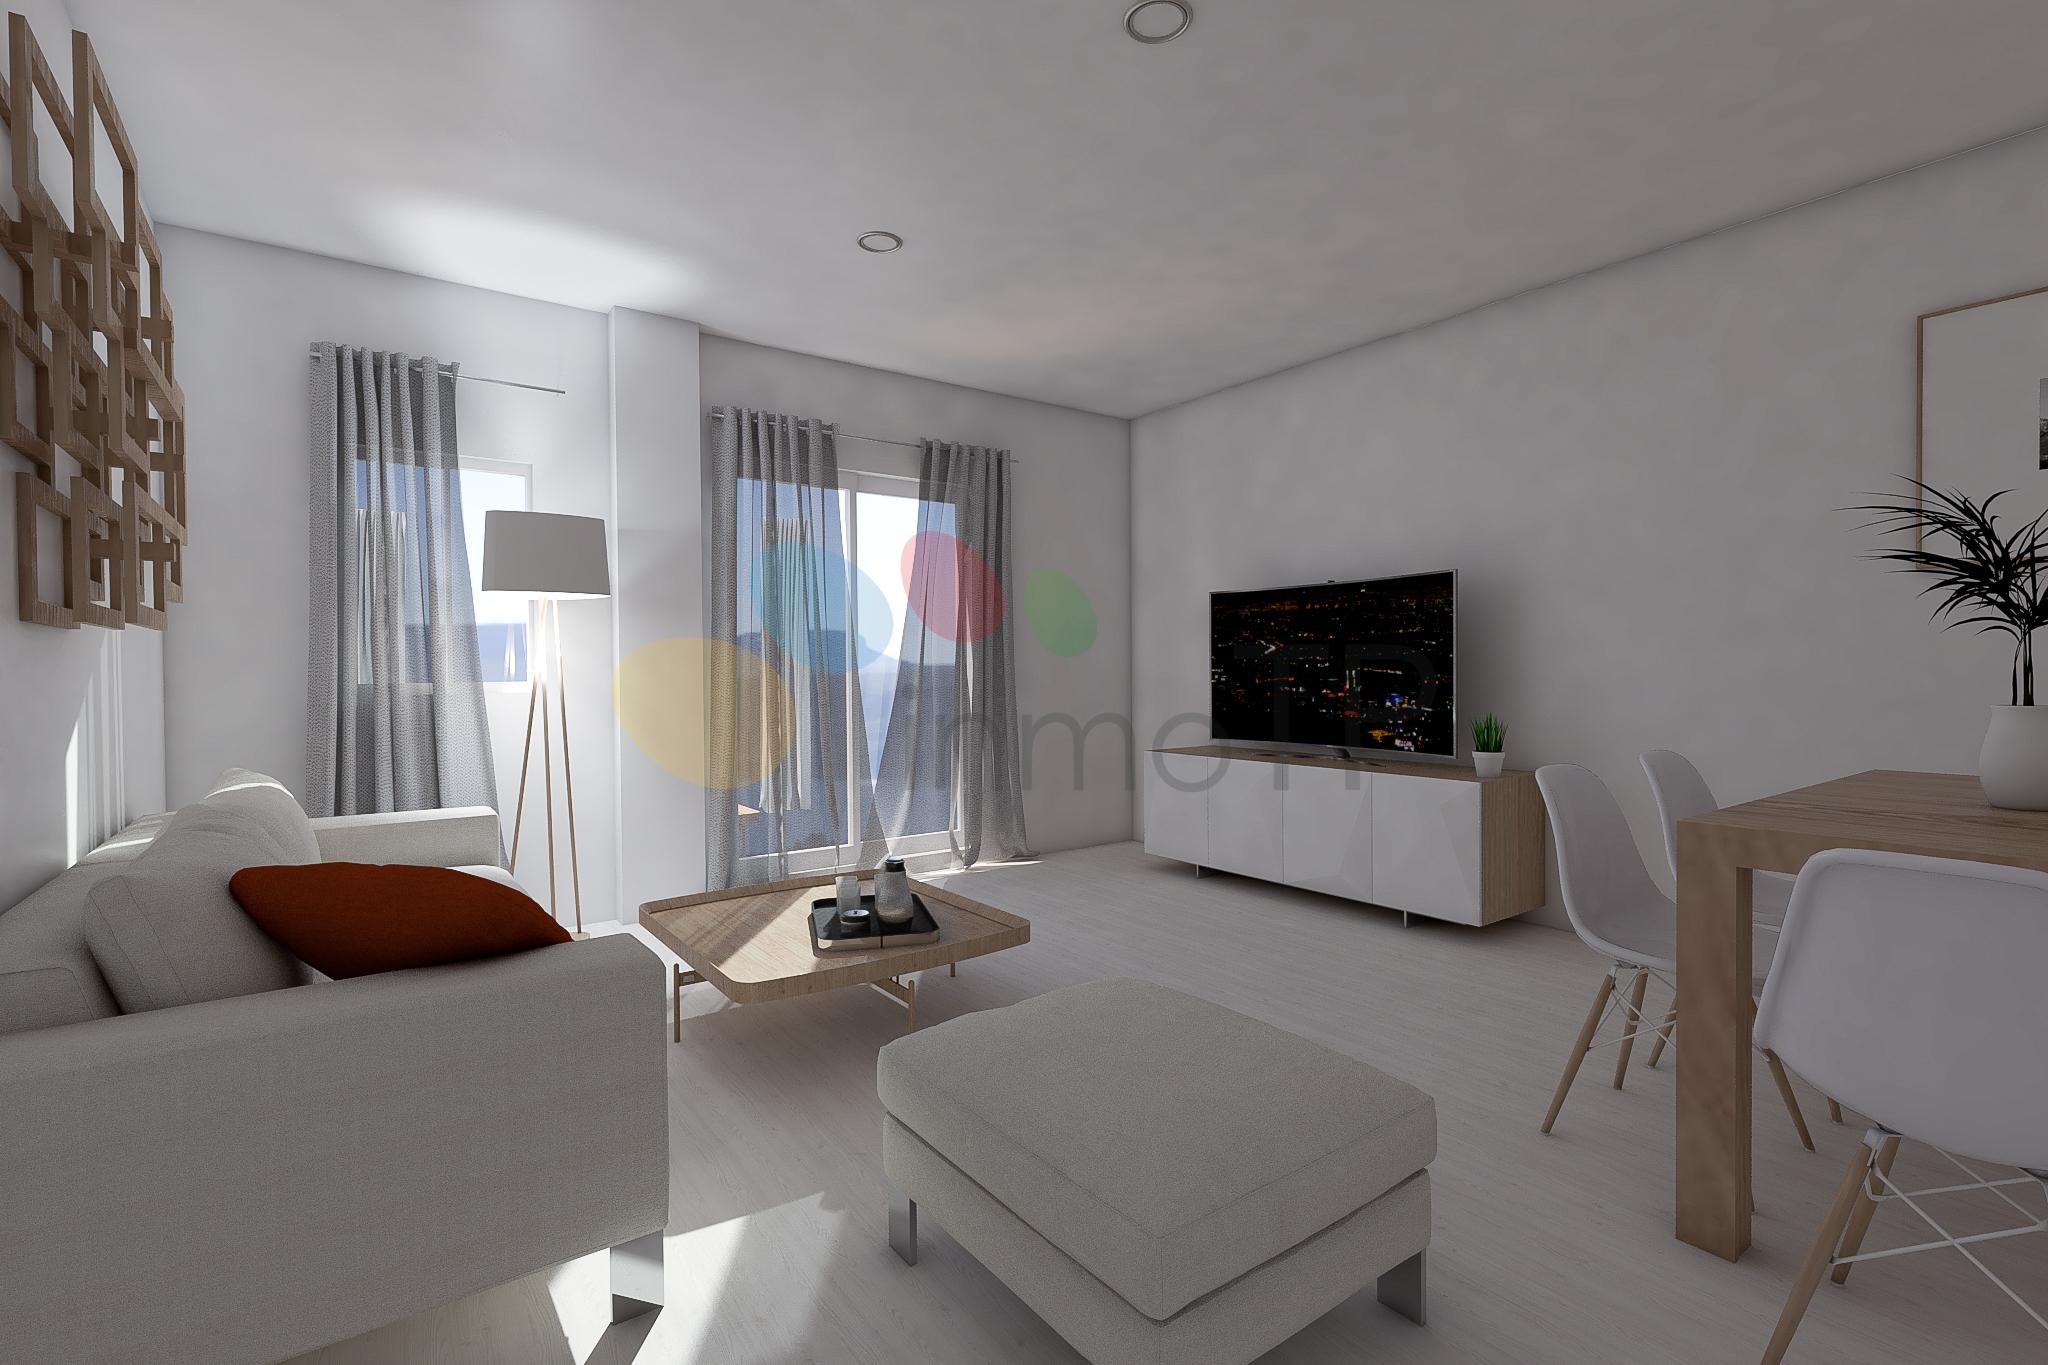 iTP-0227 Piso luminoso con 4 habitaciones y 2 baños